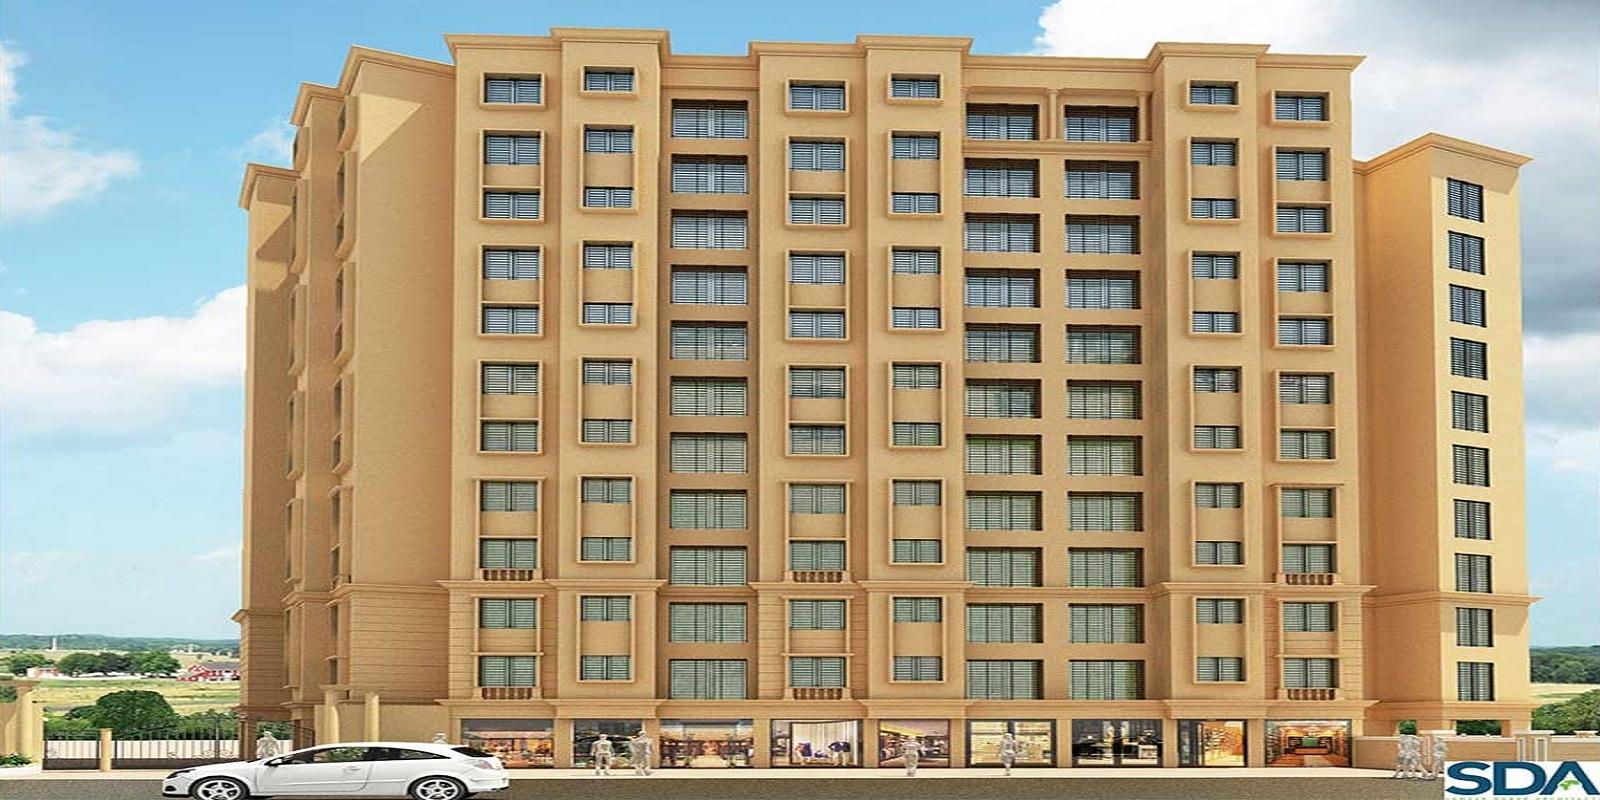 panvelkar estate stanford phase 2 project large image2